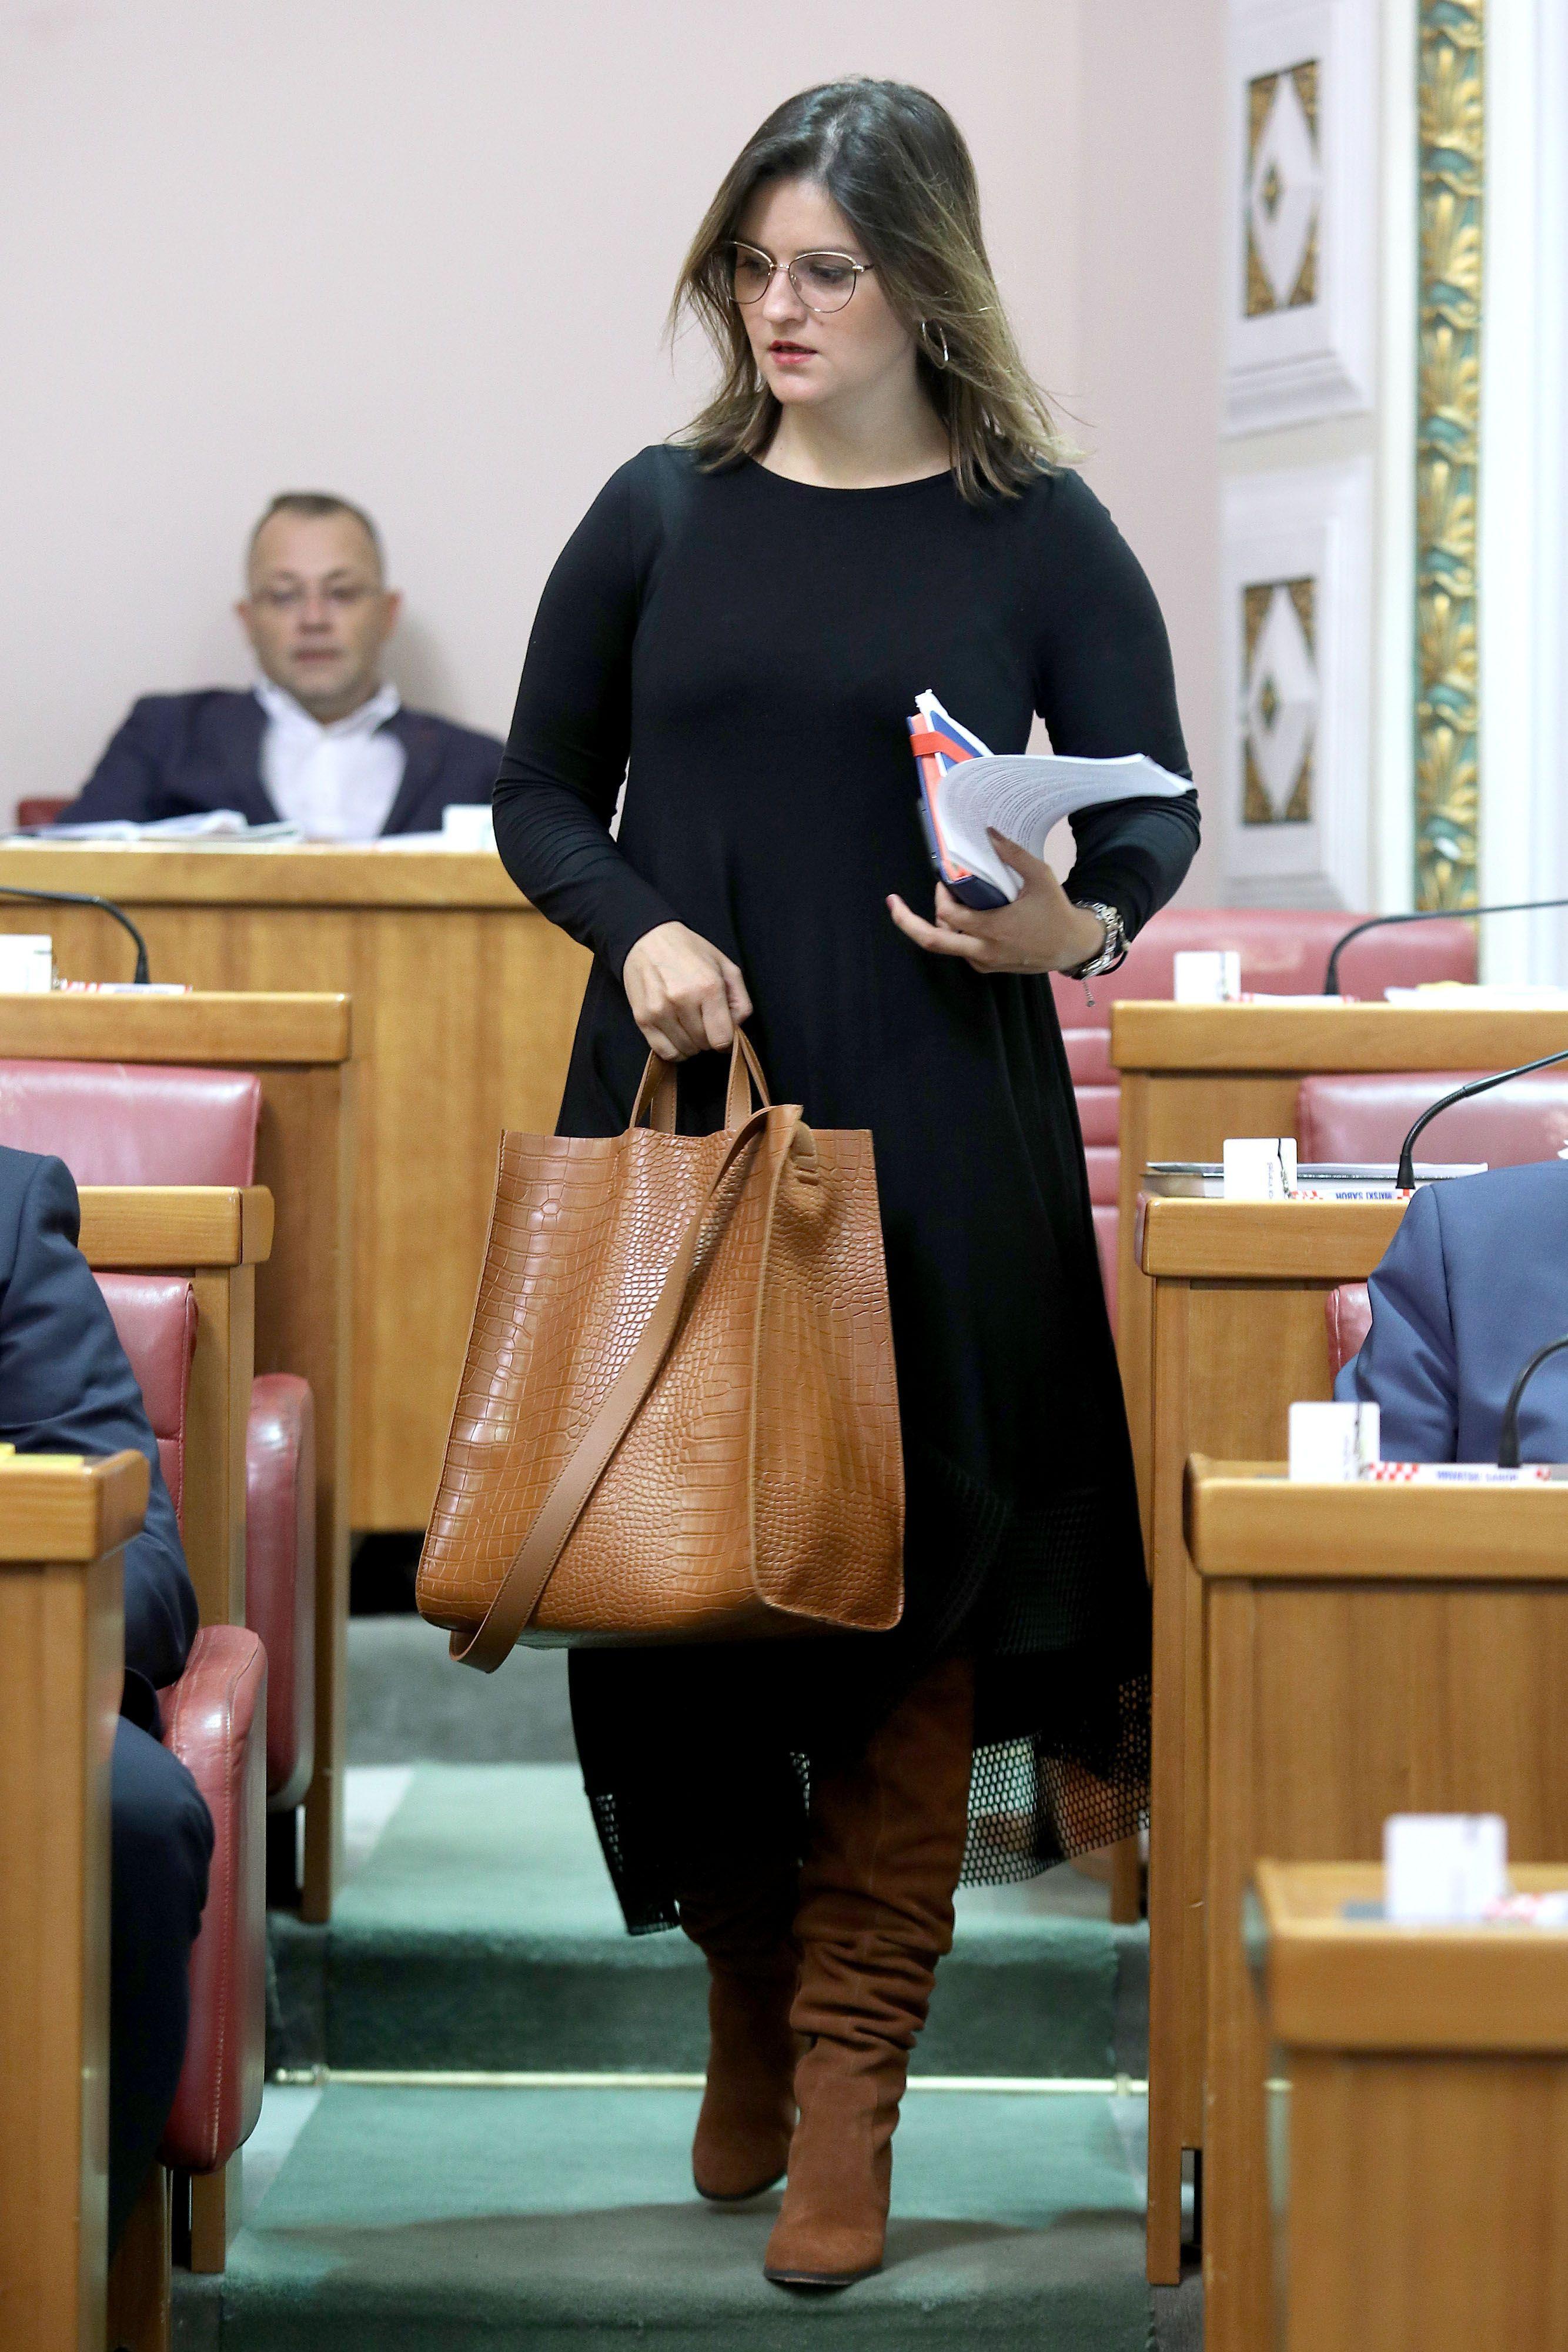 Zastupnica Marija Puh u maloj crnoj haljini i hit čizmama očitala je modnu lekciju Saboru